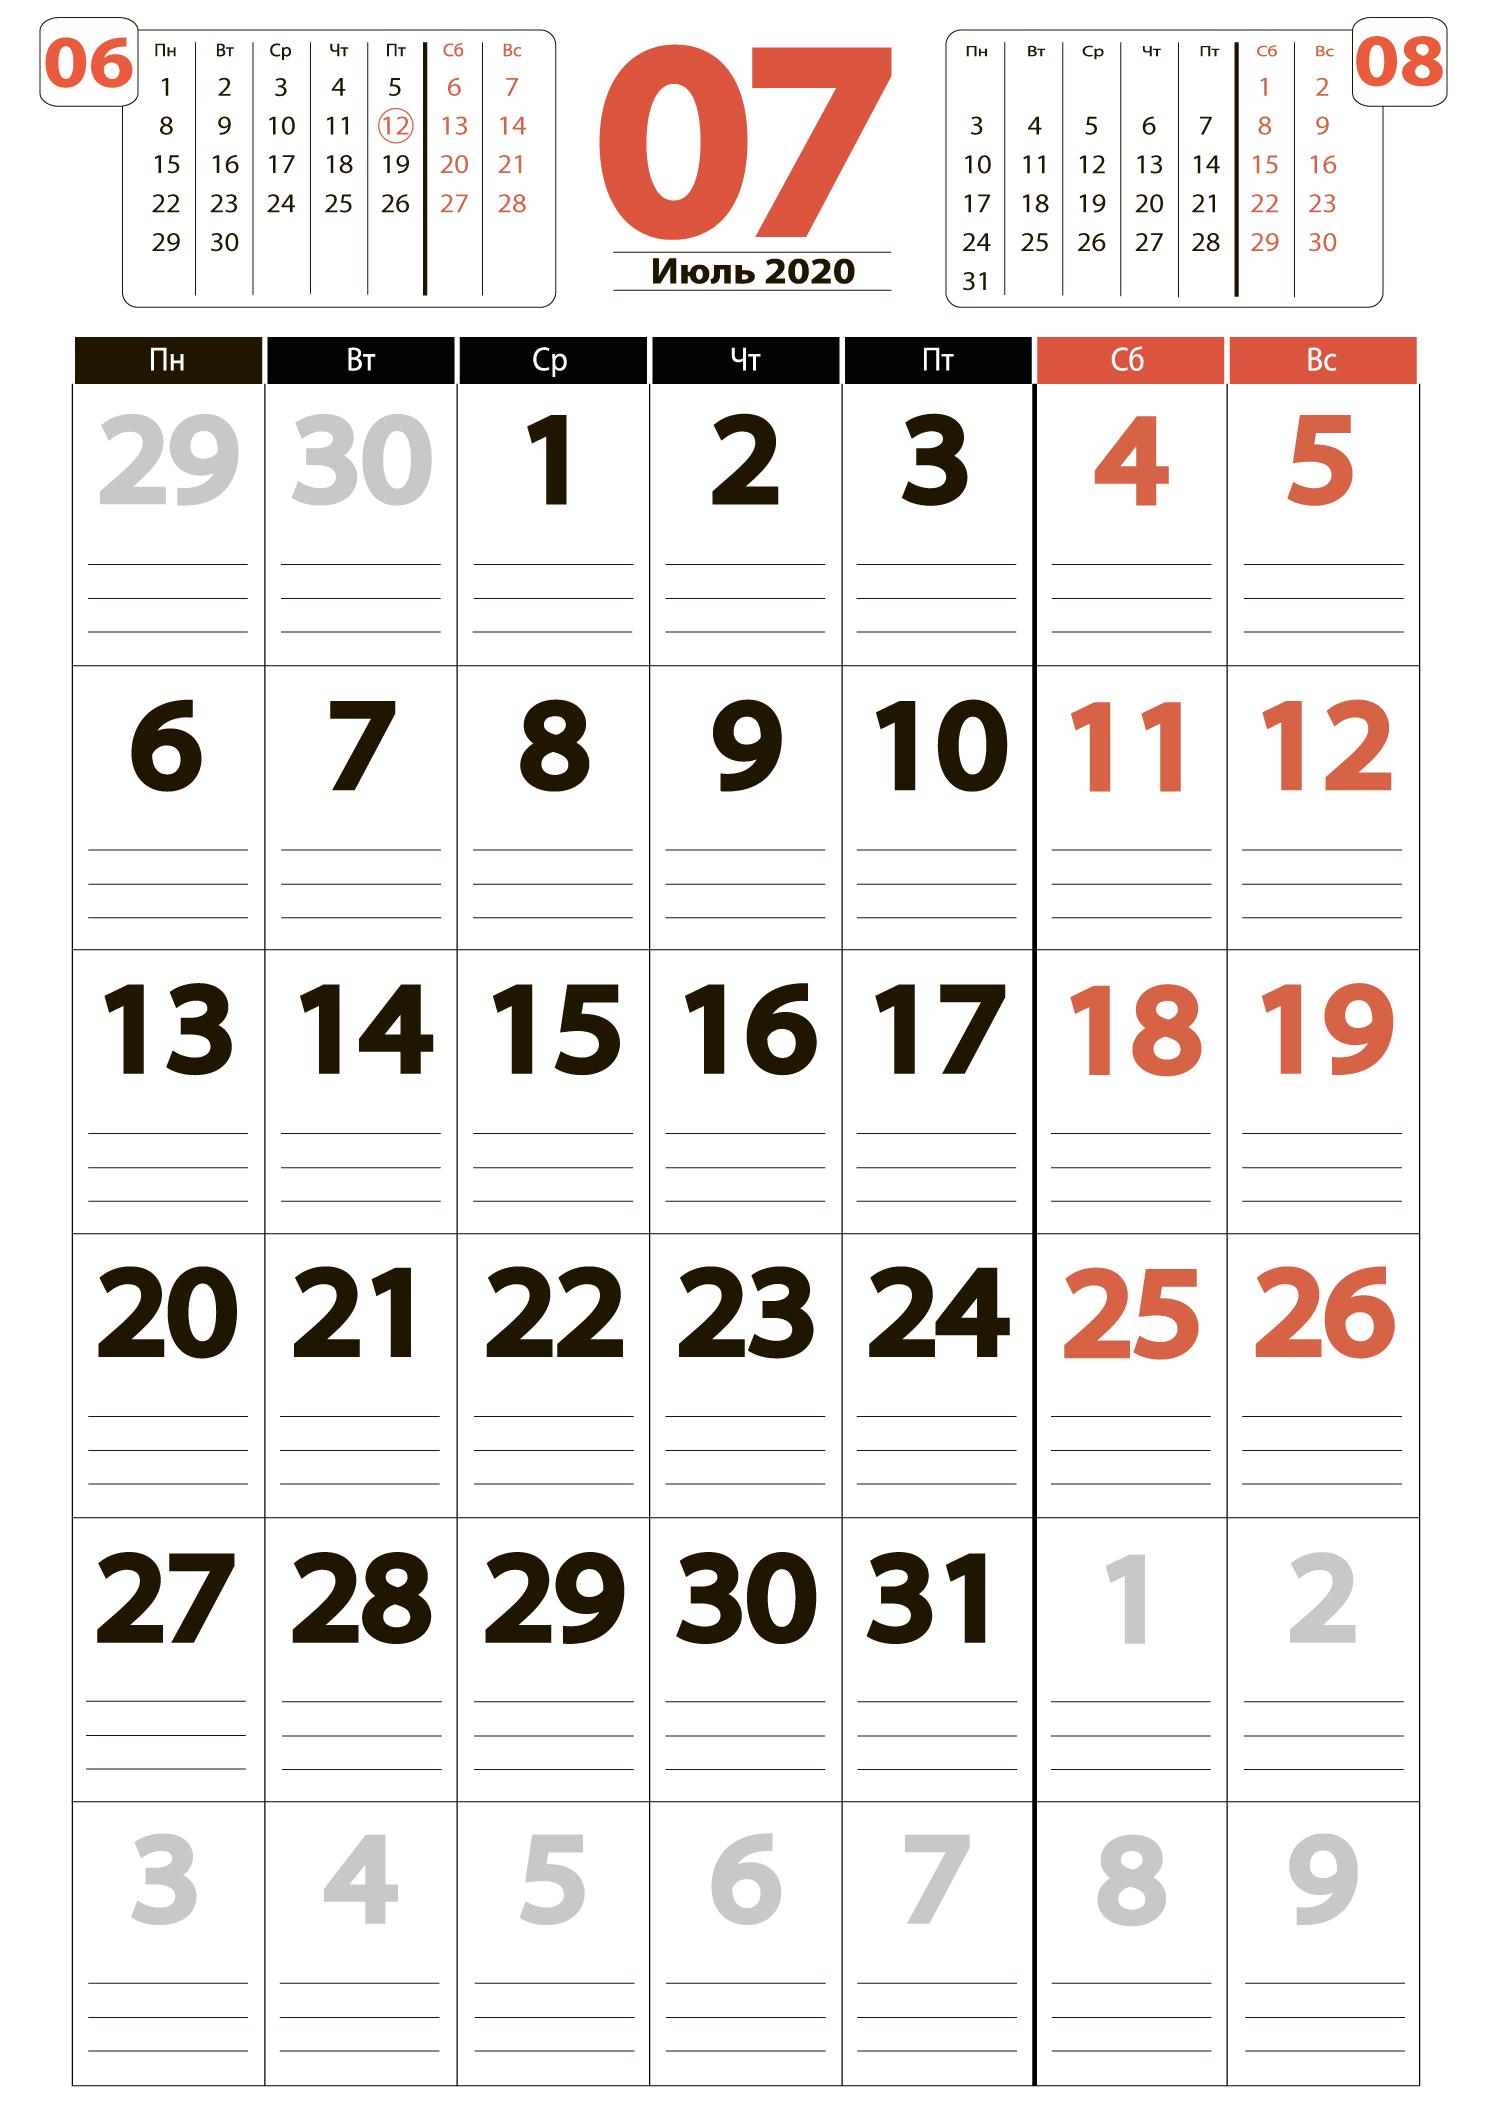 Печать крупного календаря на июль 2020